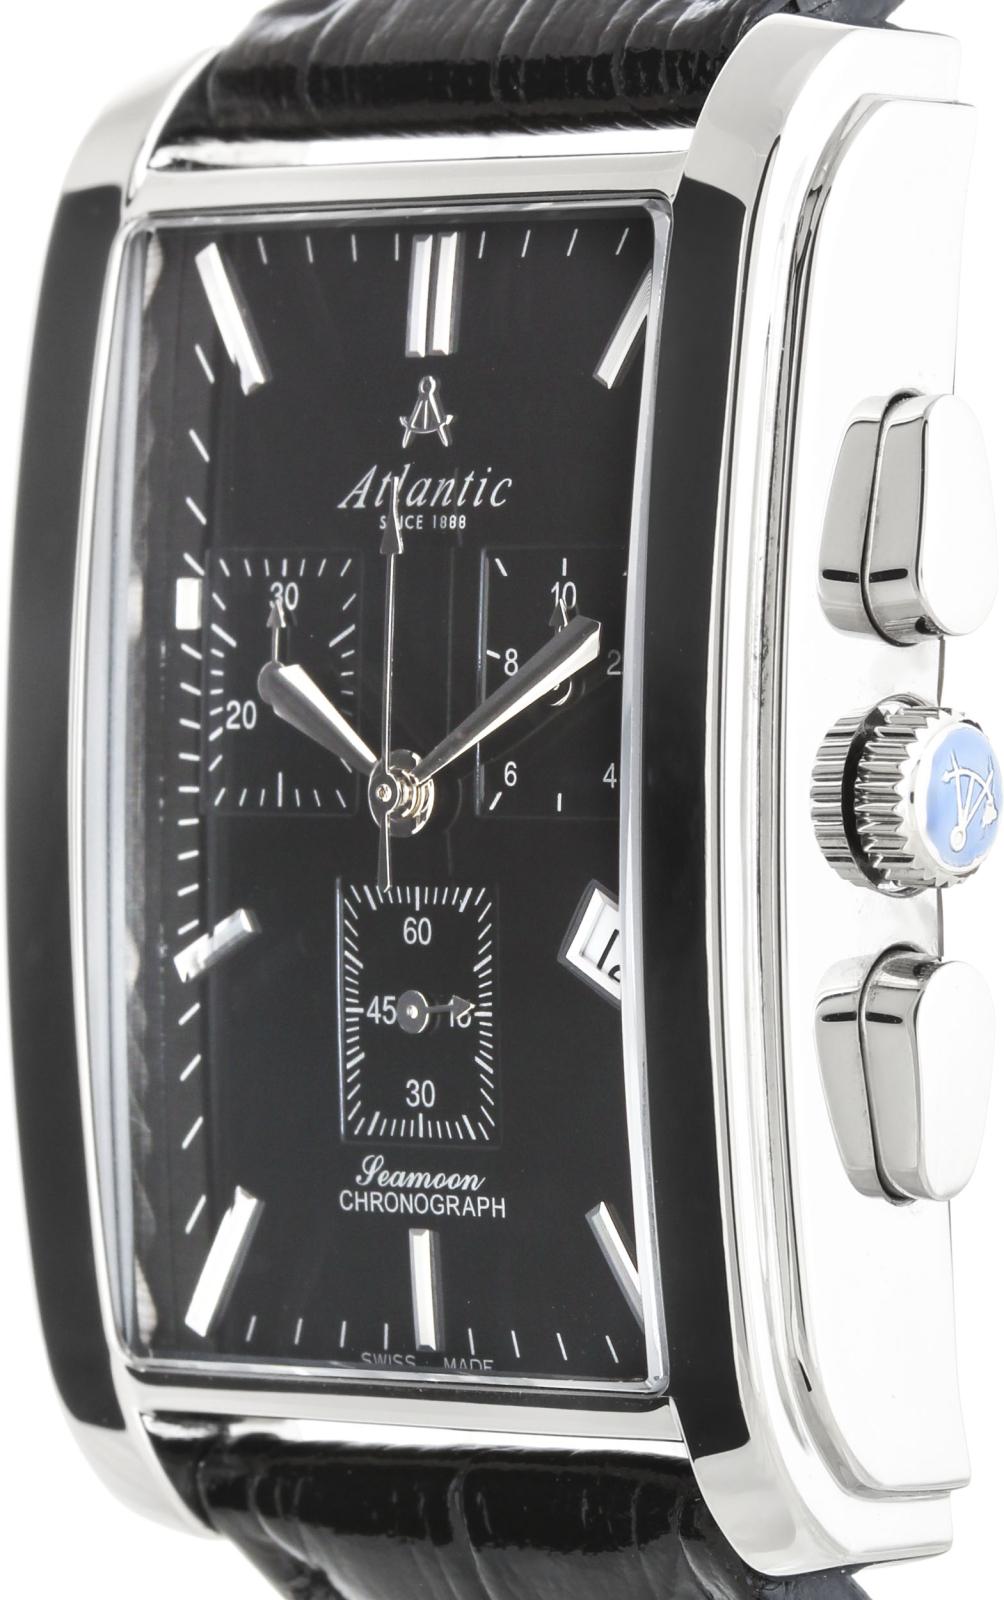 Atlantic Zegarek 67440.41.61Наручные часы<br>Швейцарские часы Atlantic Zegarek 67440.41.61<br><br>Пол: Мужские<br>Страна-производитель: Швейцария<br>Механизм: Кварцевый<br>Материал корпуса: Сталь<br>Материал ремня/браслета: Кожа<br>Водозащита, диапазон: 20 - 100 м<br>Стекло: Сапфировое<br>Толщина корпуса: 12 мм<br>Стиль: Классика